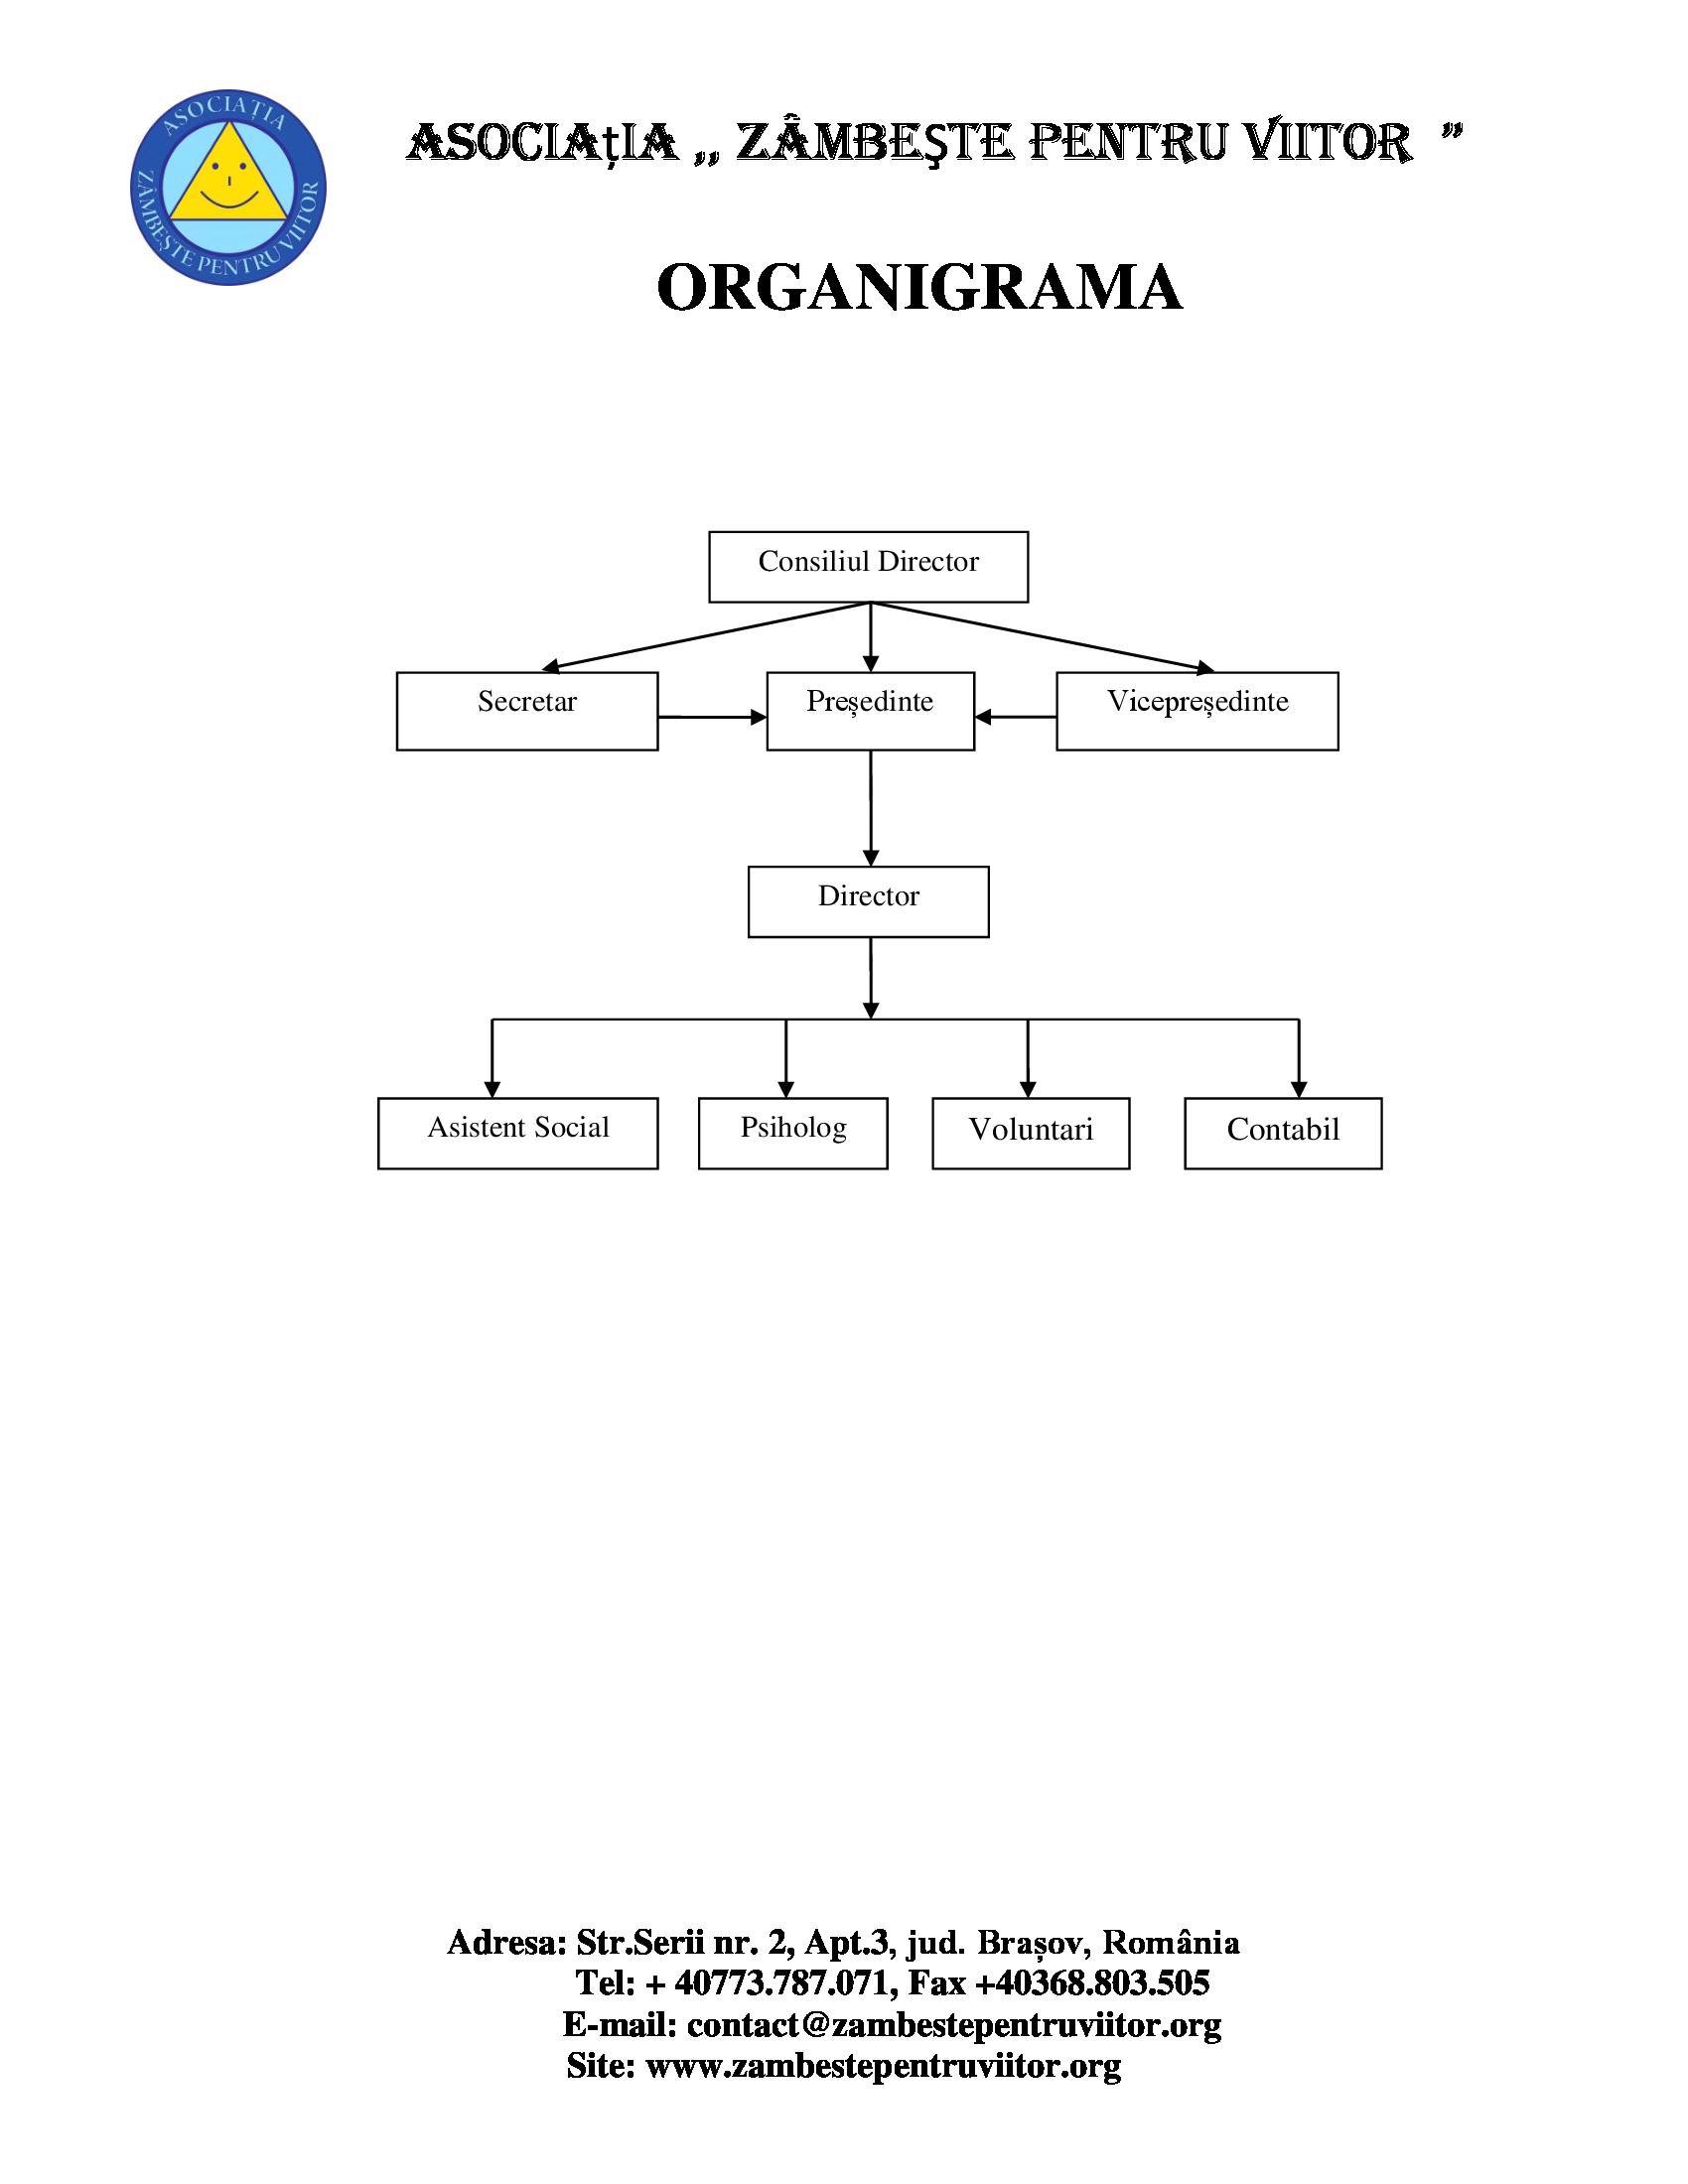 organigrama-azpv